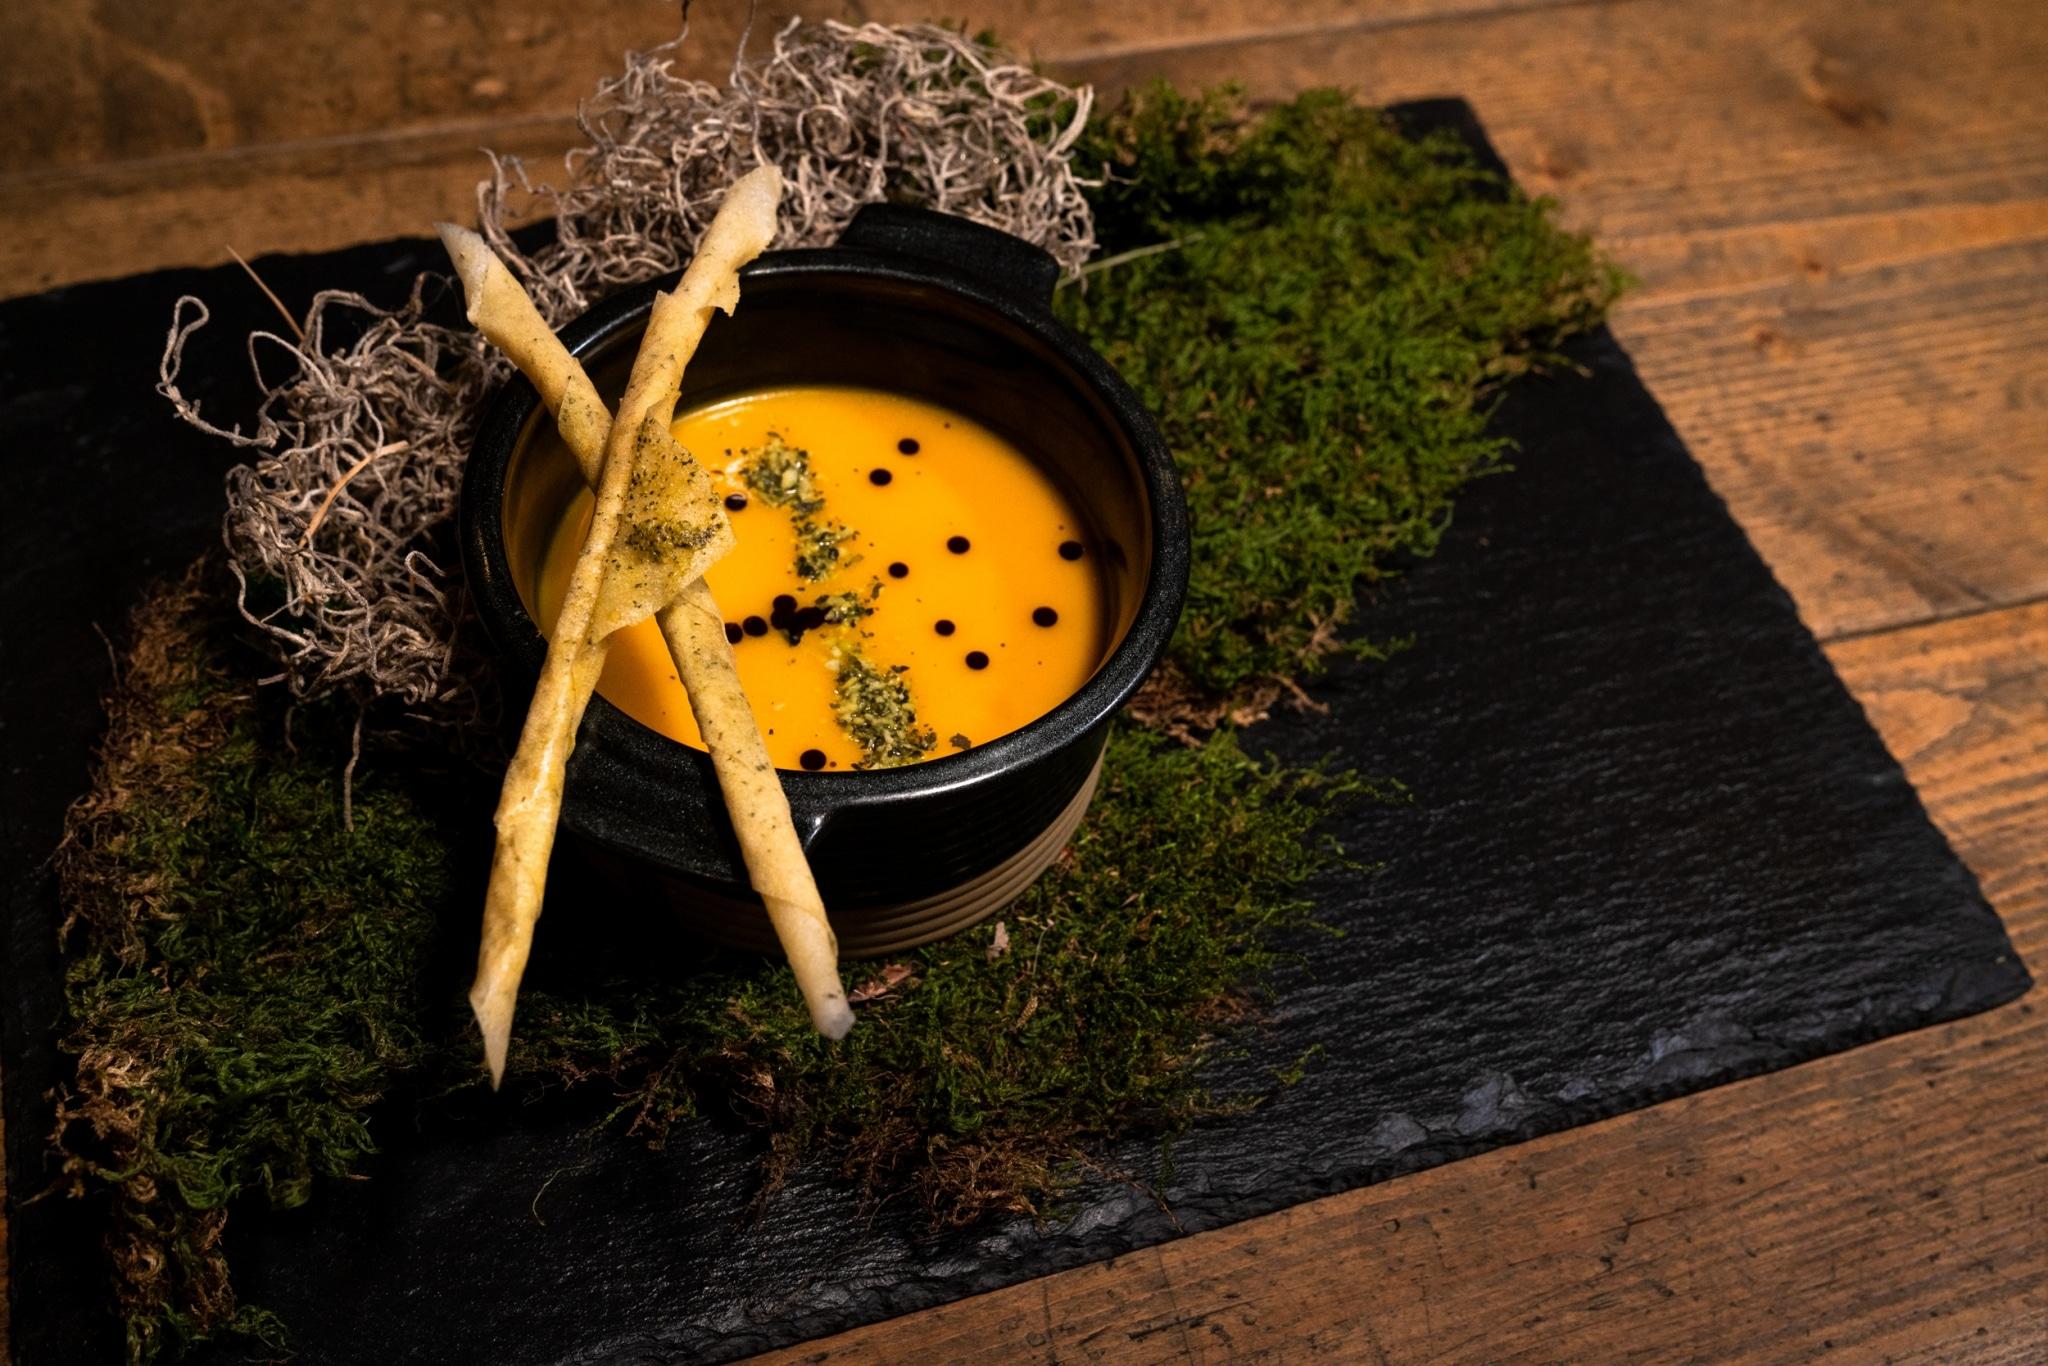 Schwarze Platte mit Deko, darauf Schüssel mit Suppe